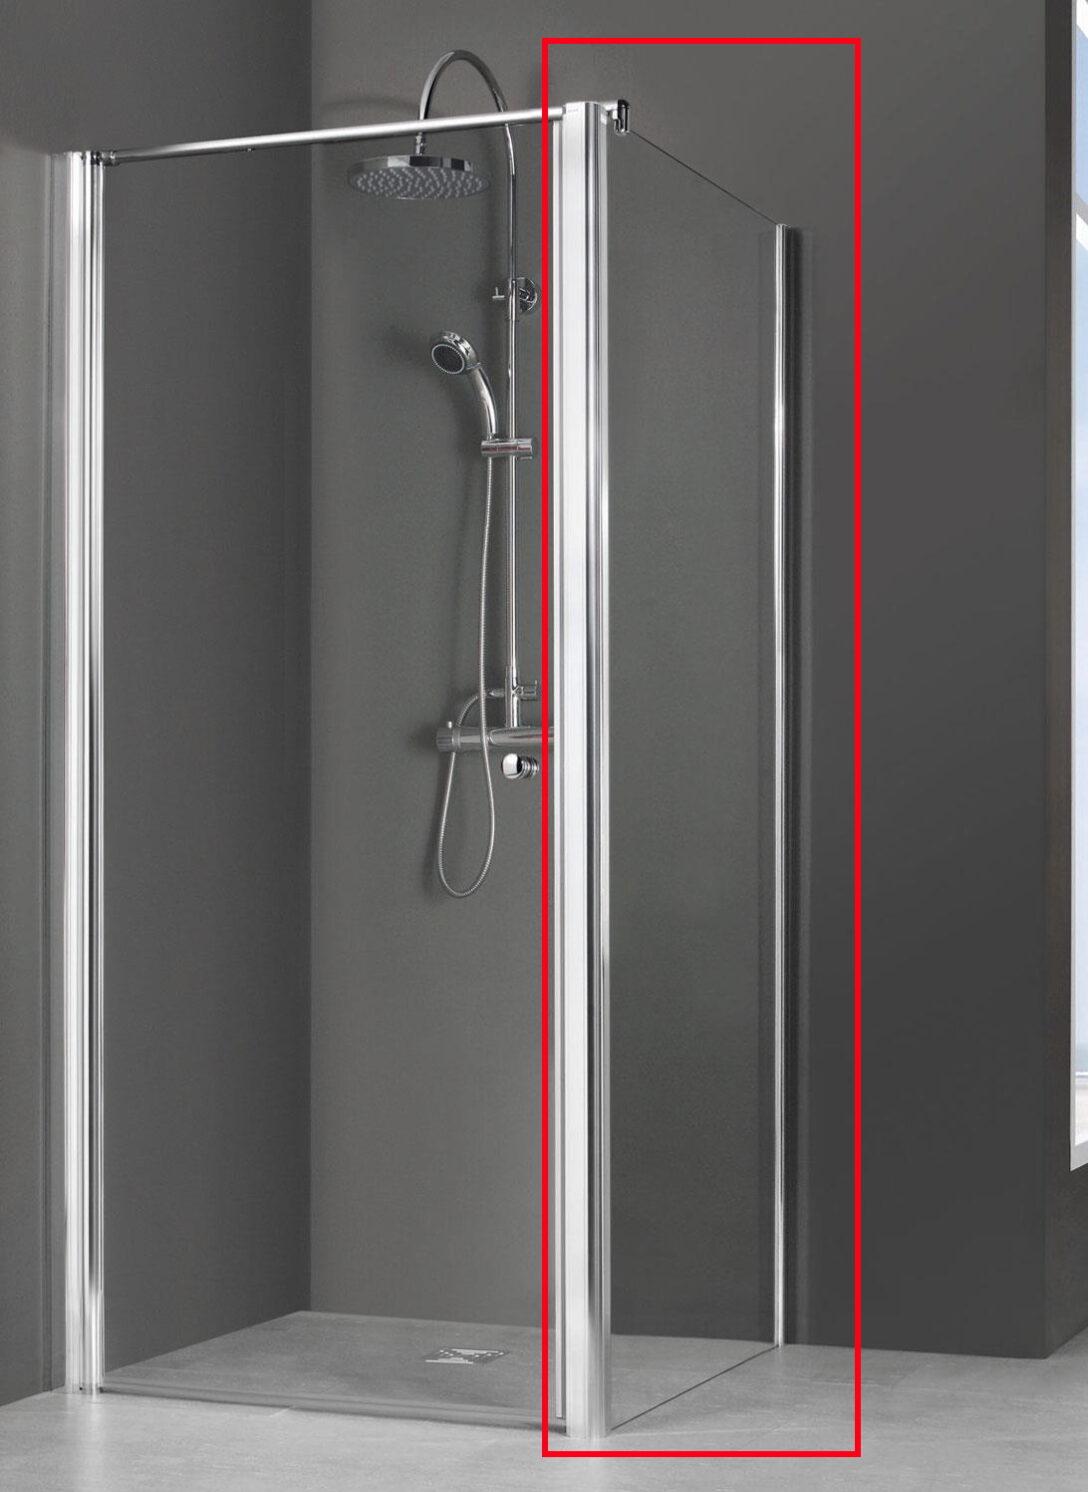 Large Size of Breuer Dusche Quick 72 Elena 6 Nur Seitenwand Ohne Drehtr 900 Mm Duschen Kaufen Sprinz Begehbare Schulte Werksverkauf Moderne Hüppe Bodengleiche Hsk Dusche Breuer Duschen